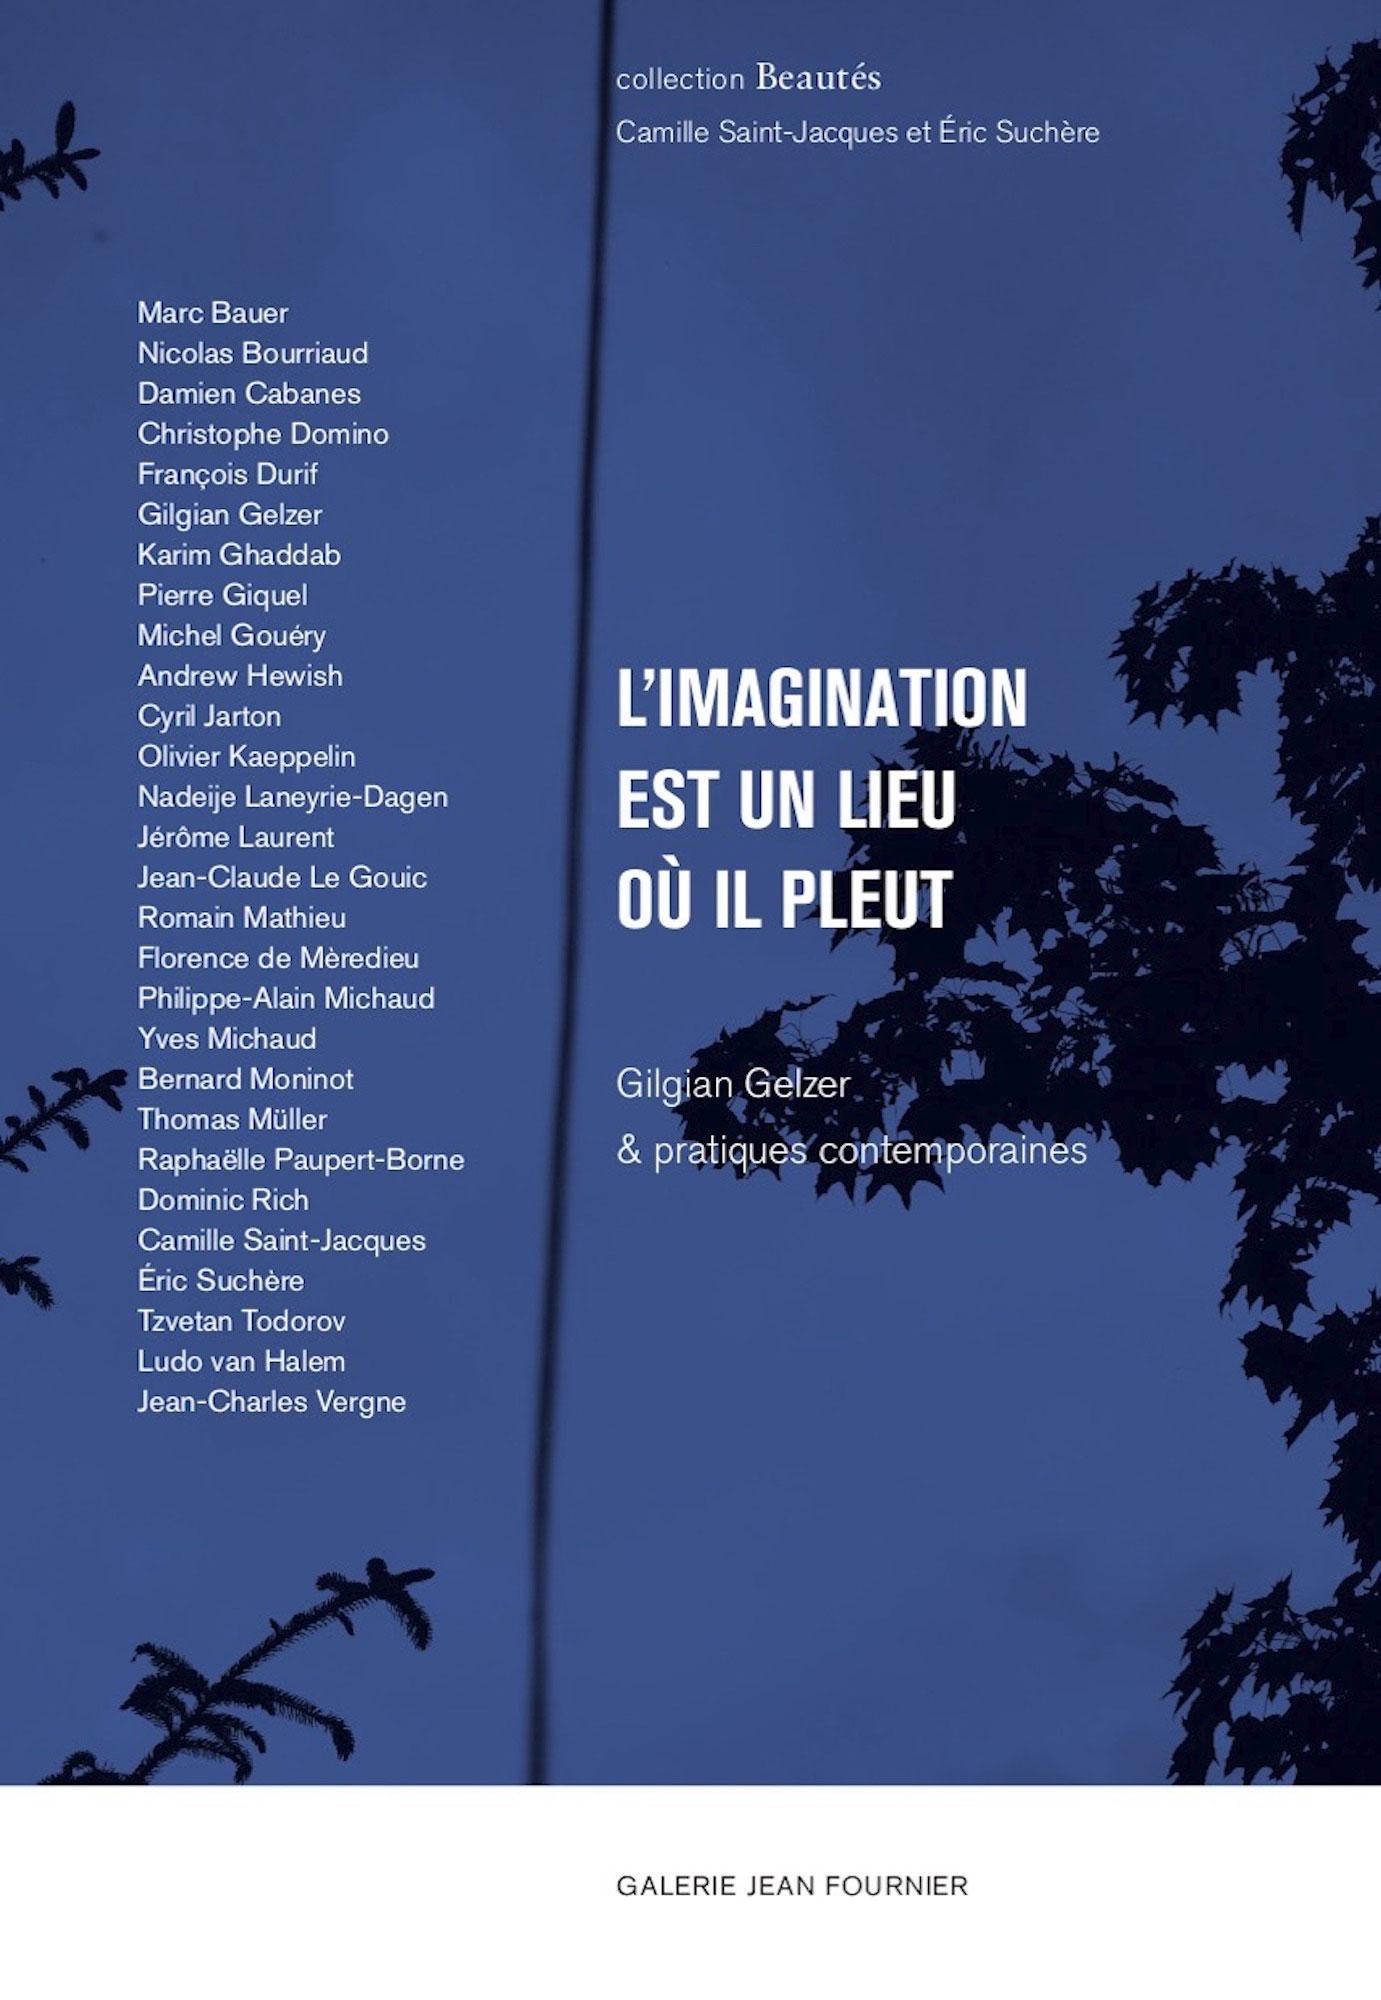 L'imagination est un lieu où il pleut, Gilgian Gelzer &pratiques contemporaines